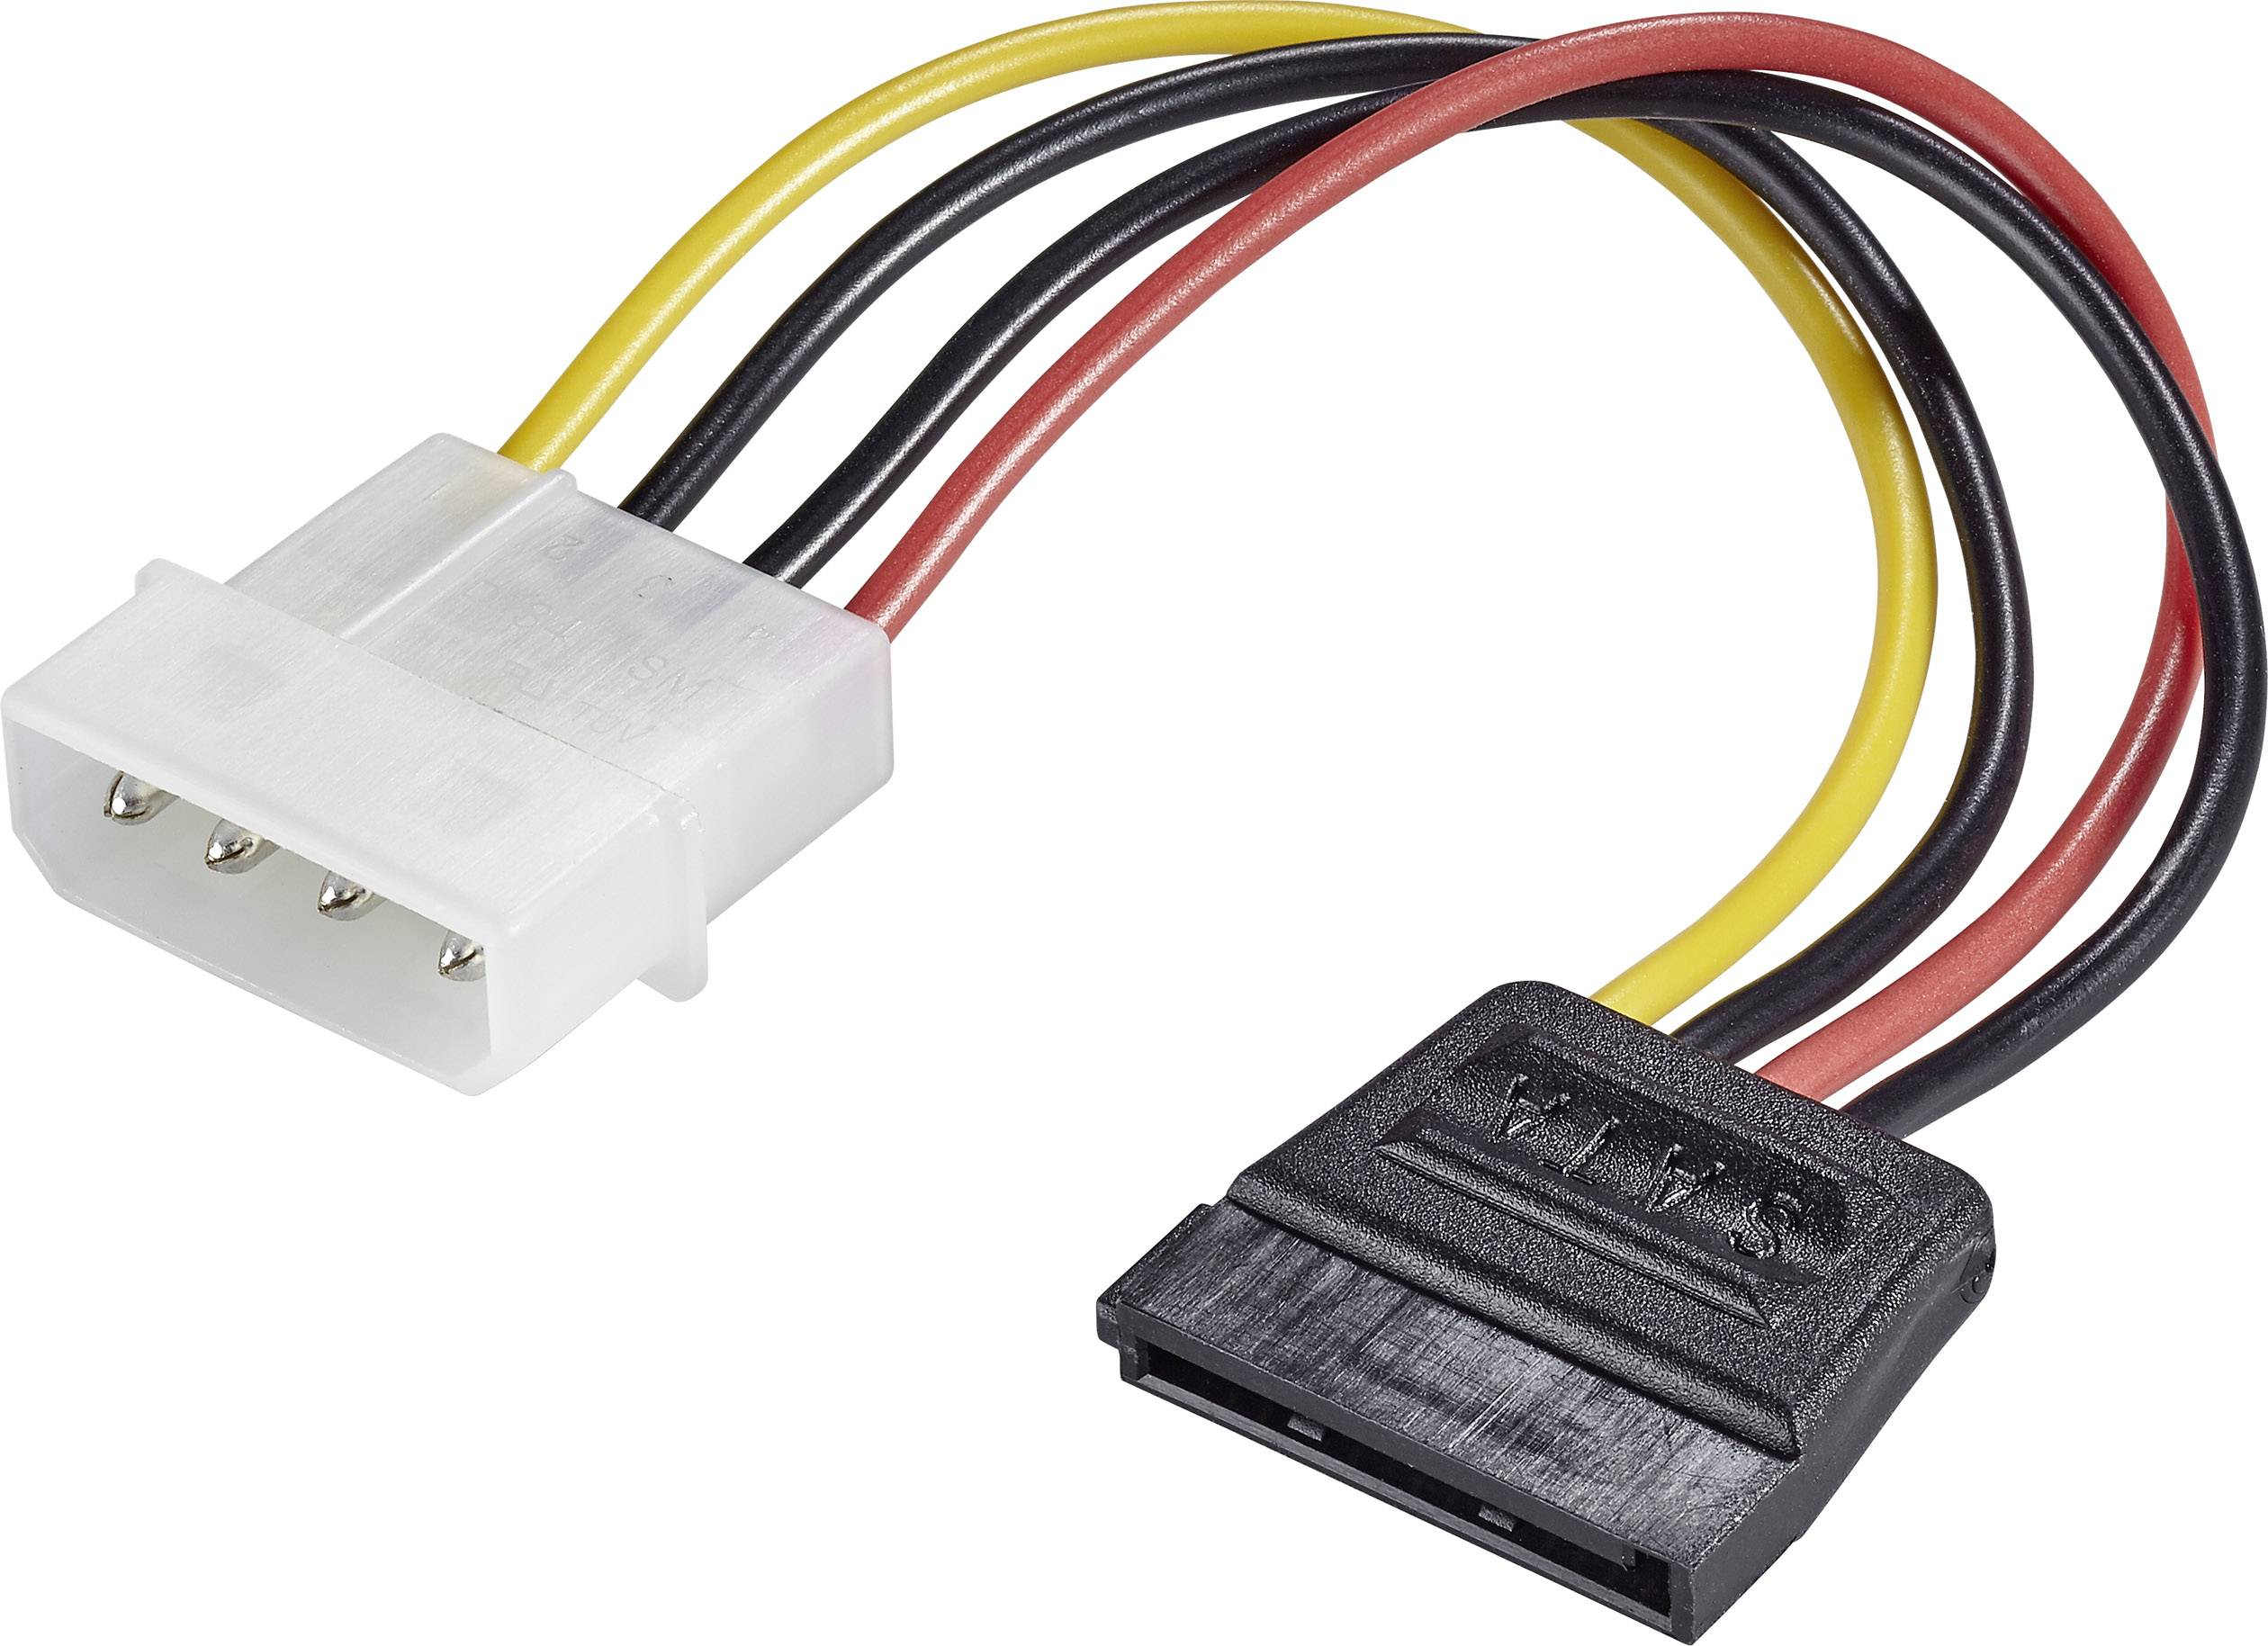 IDE, SATA adaptér Renkforce RF-4174632, černá, červená, žlutá